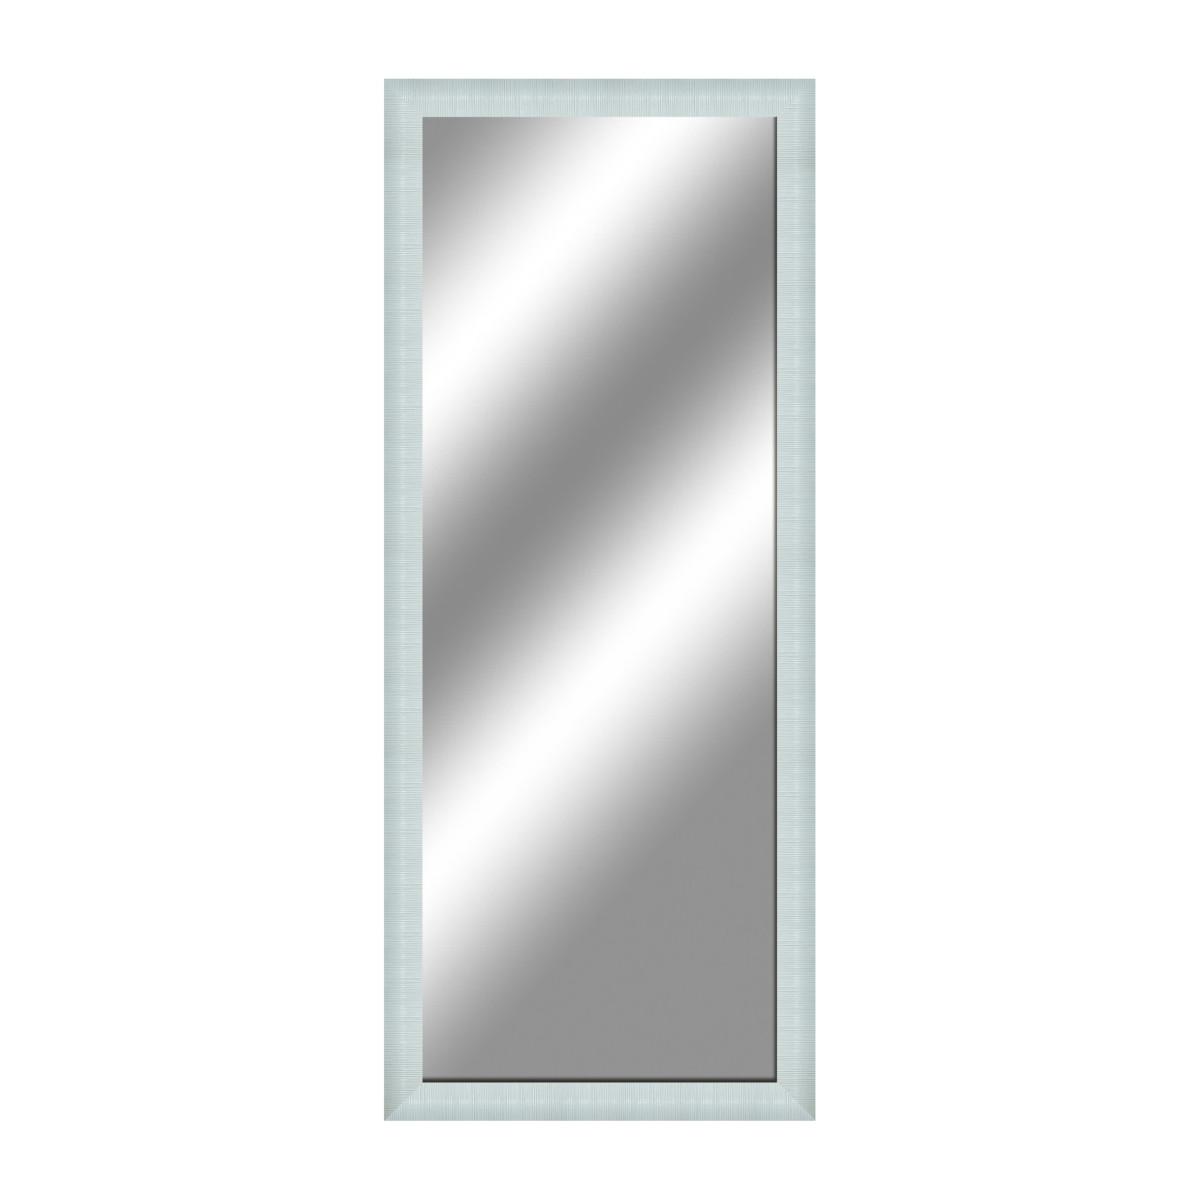 Specchio sibilla bianco 70 x 90 cm prezzi e offerte online - Specchio leroy merlin ...